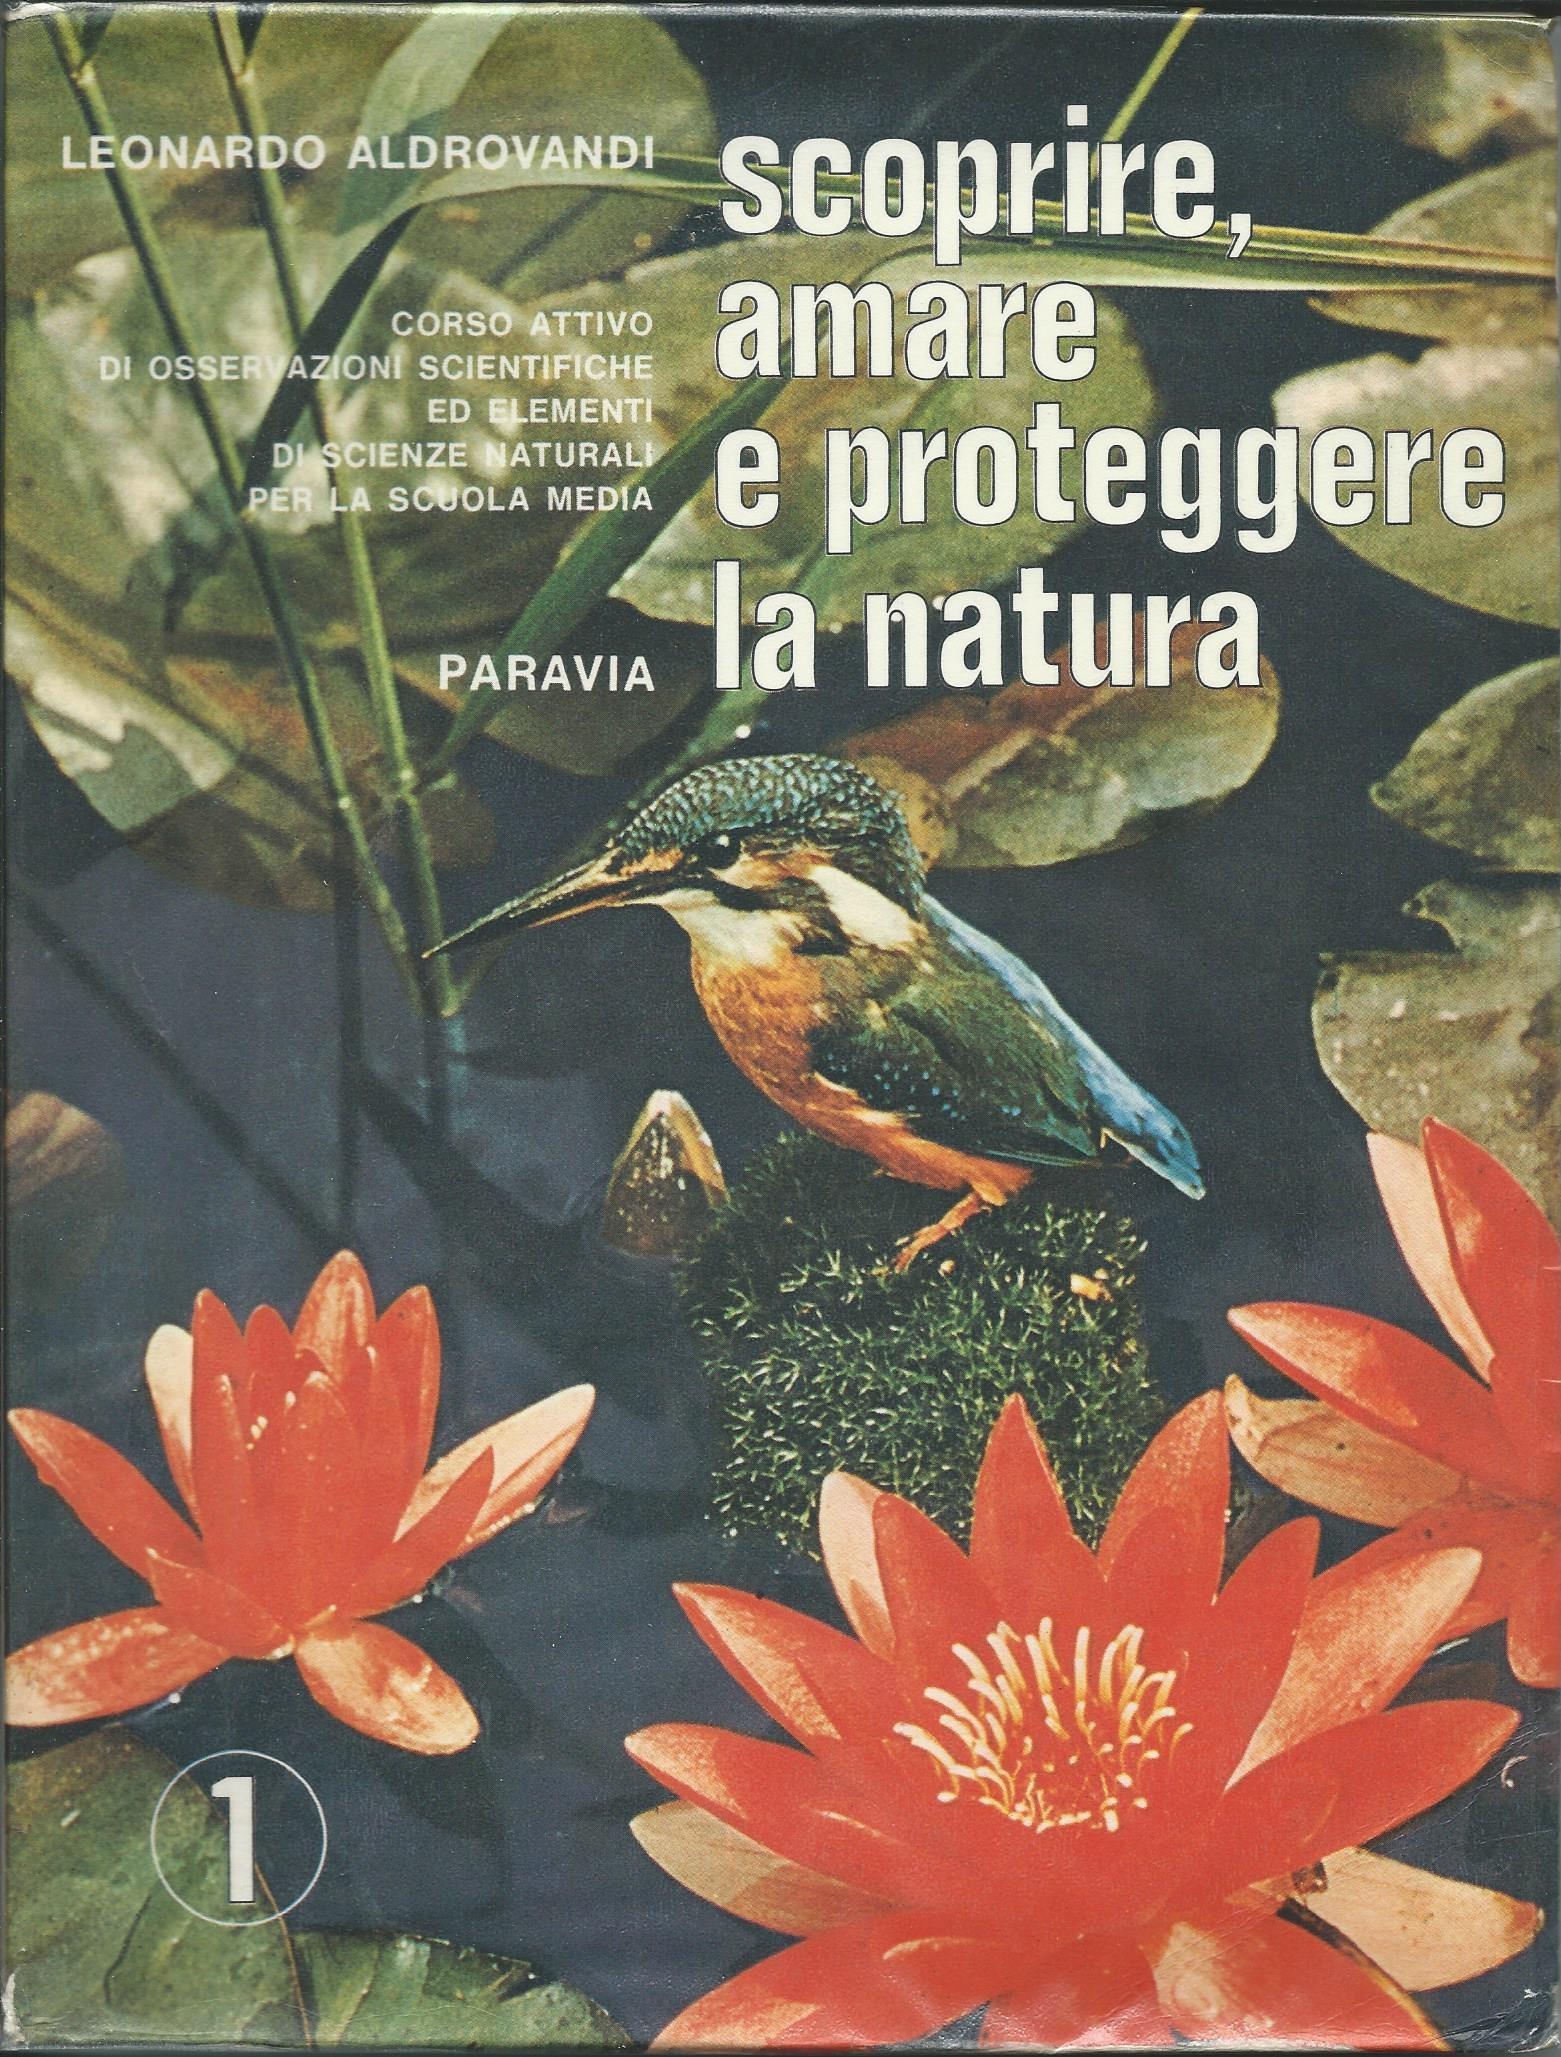 Scoprire, amare e proteggere la natura